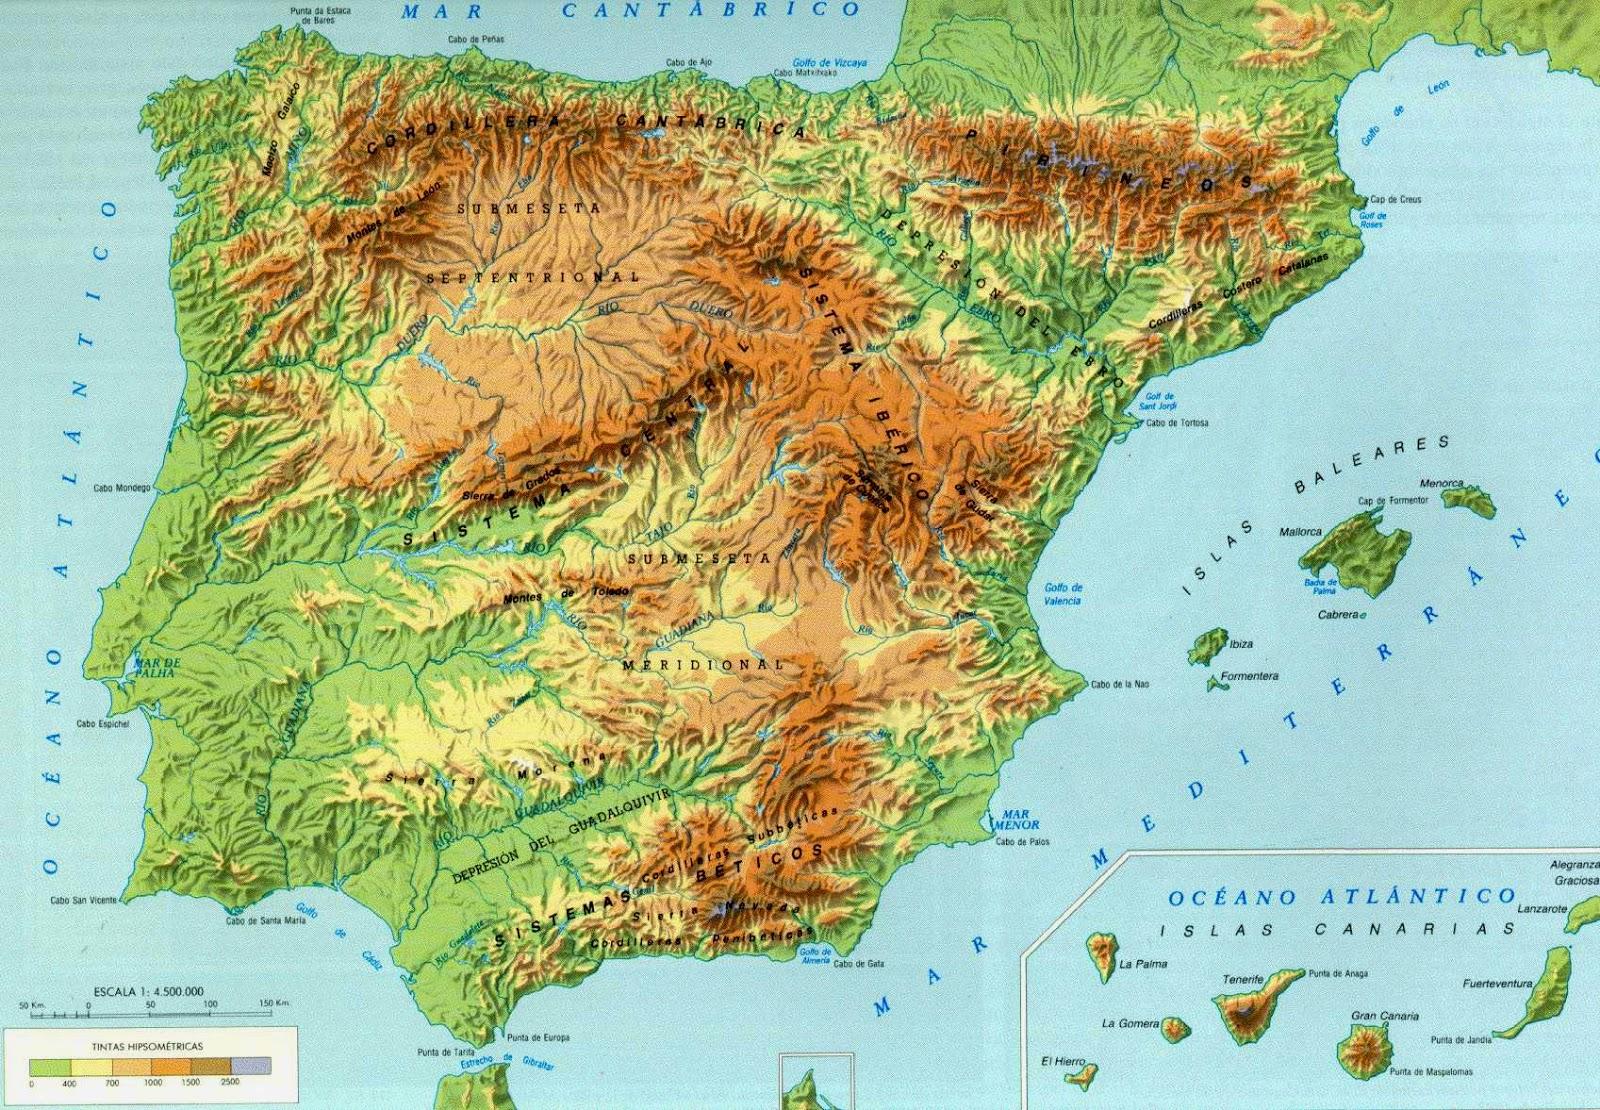 Mapa Fisico Peninsula Iberica Rios.Mapas De Espana Para Descargar E Imprimir Completamente